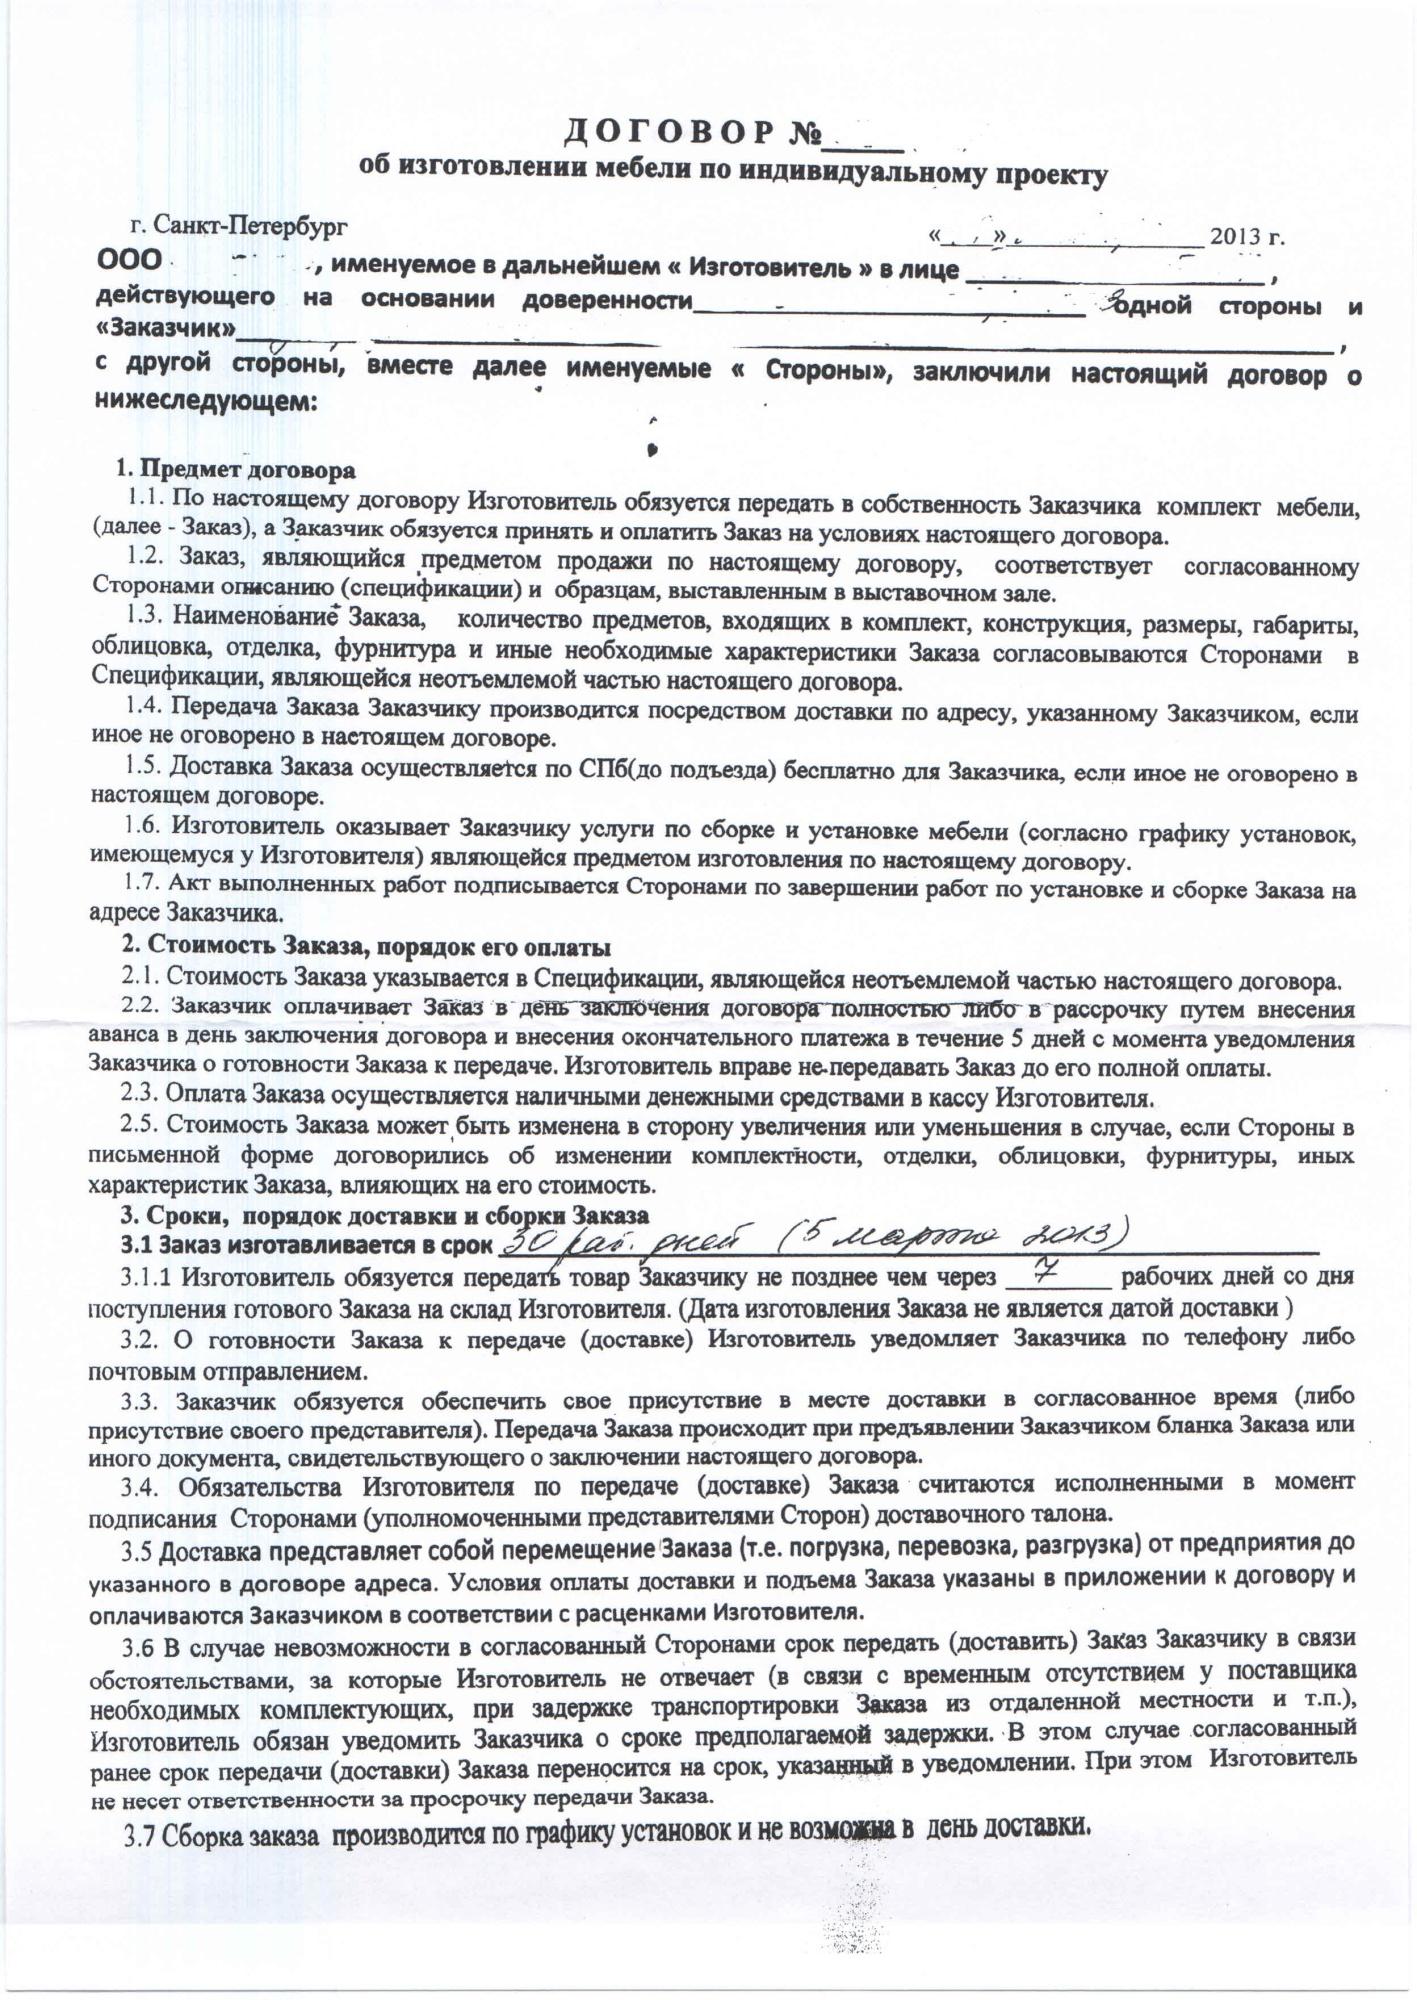 Гражданский процессуальный кодекс Республики Казахстан